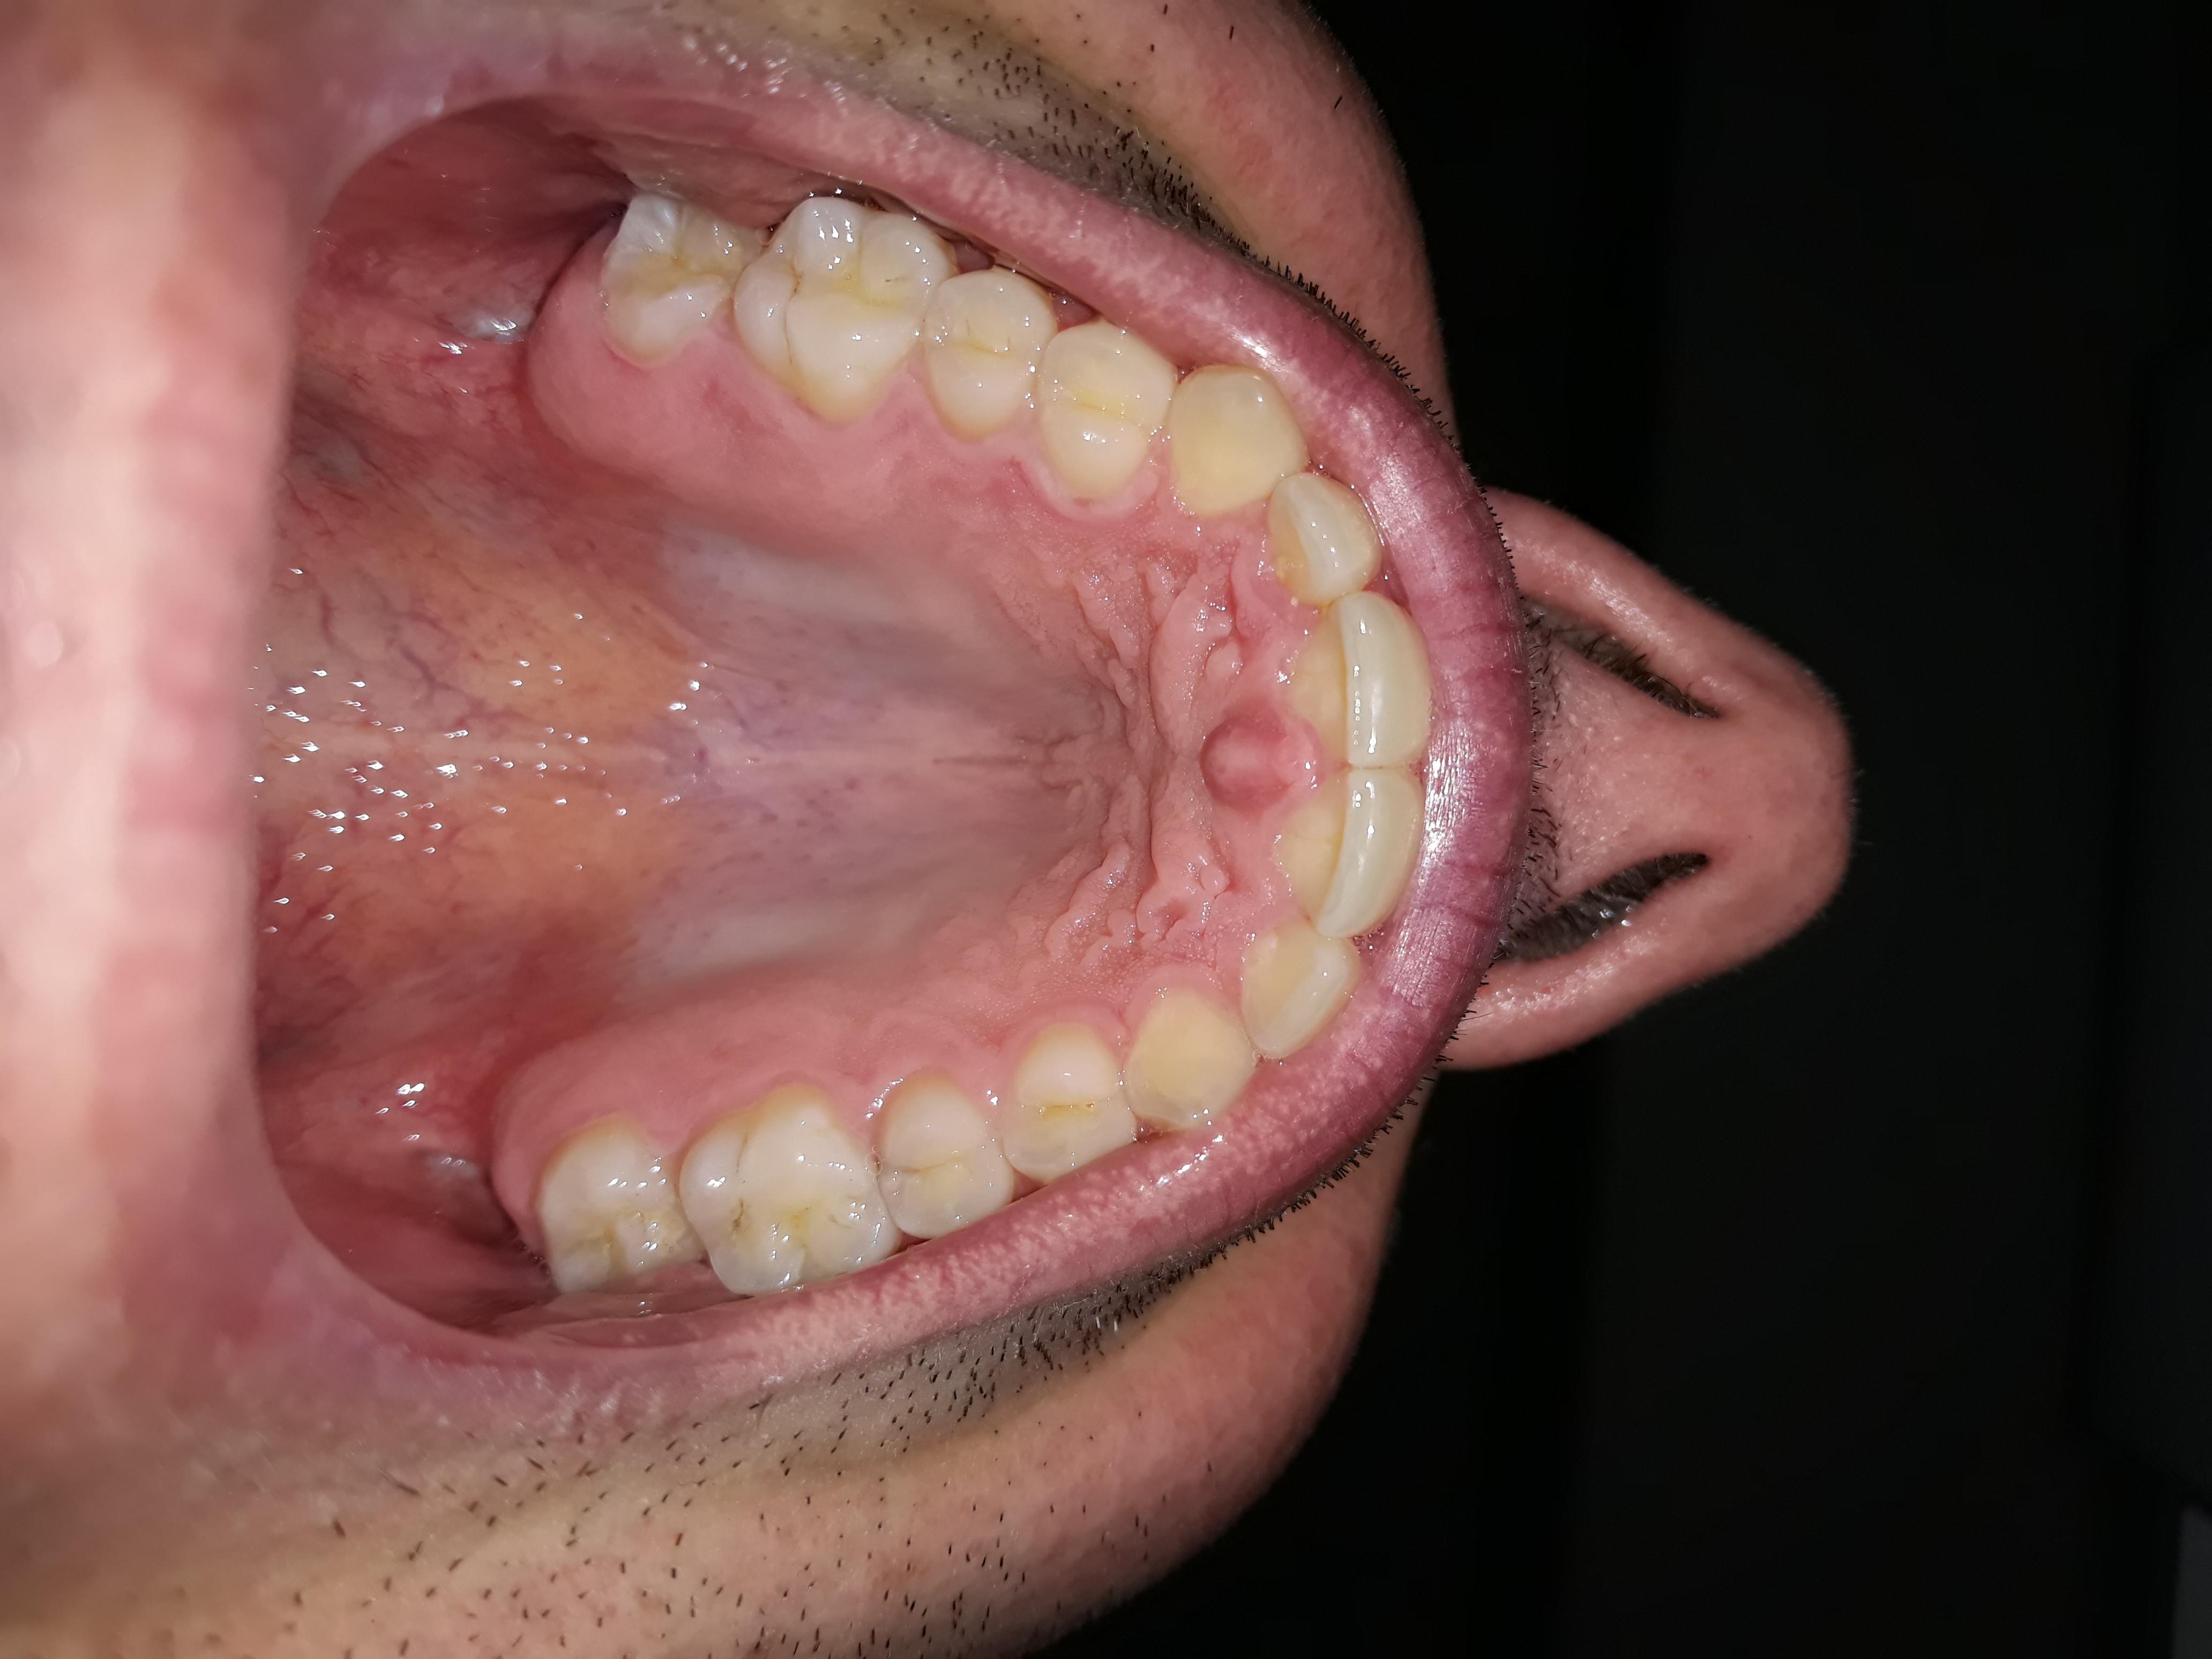 Macchie nei denti di color giallo. Cosa può essere?